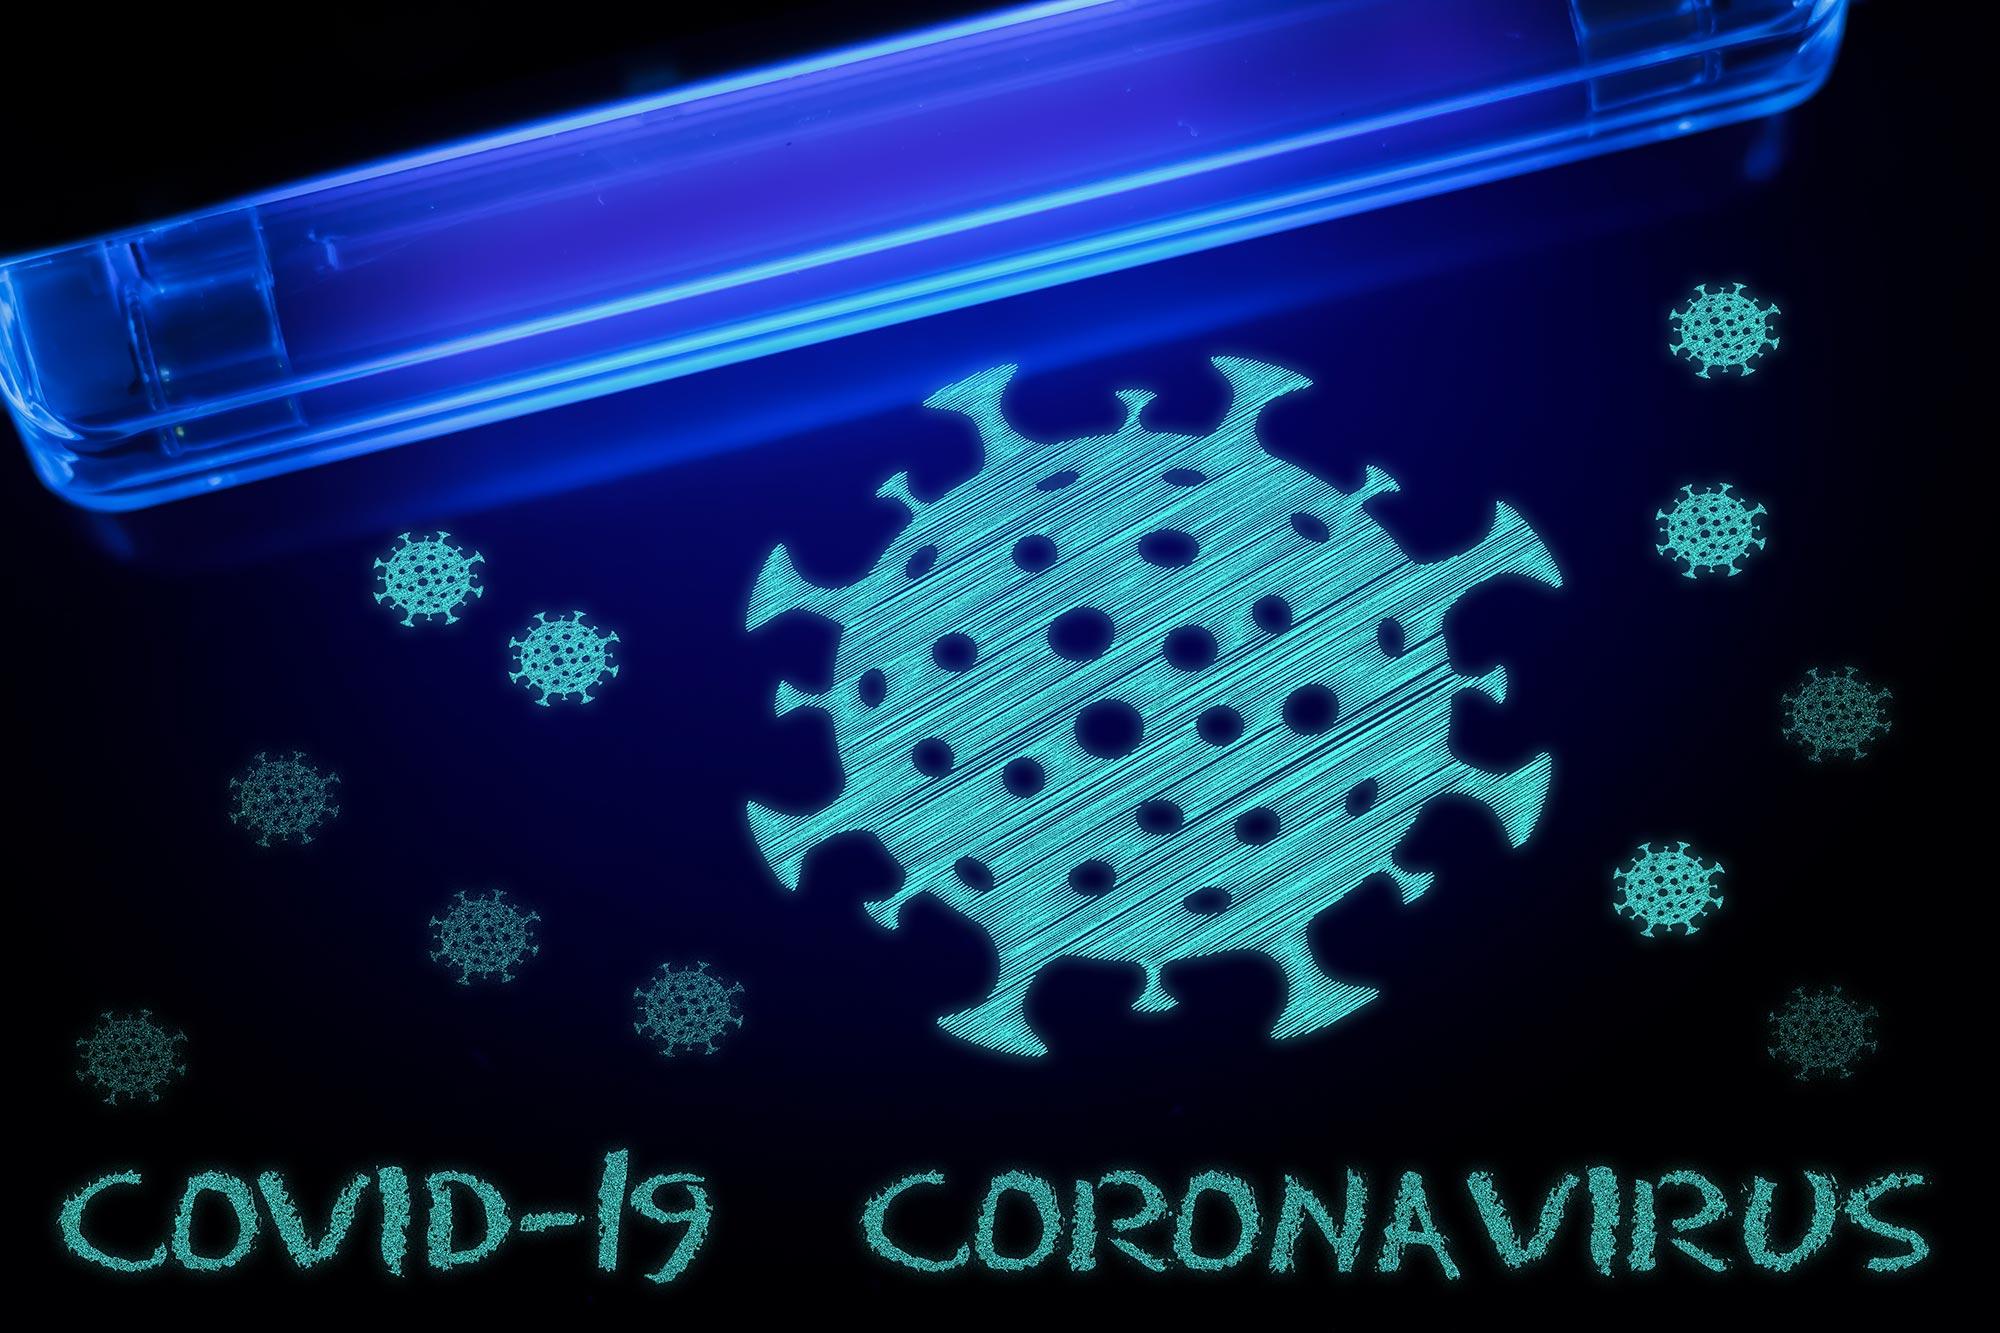 Κορωνοϊός καταπολέμηση: Η δυναμική της υπεριώδους ακτινοβολίας